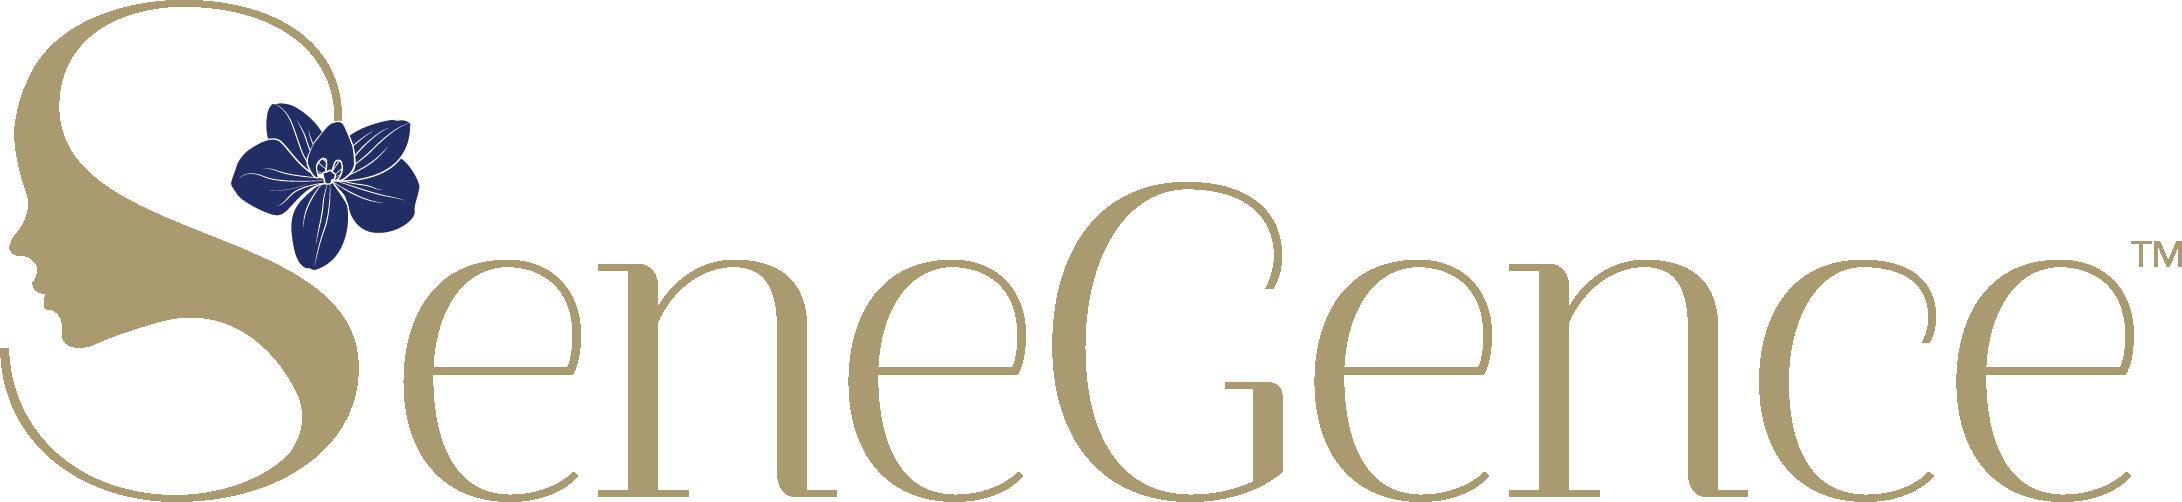 Senegence_Logo_gold_blueFlower